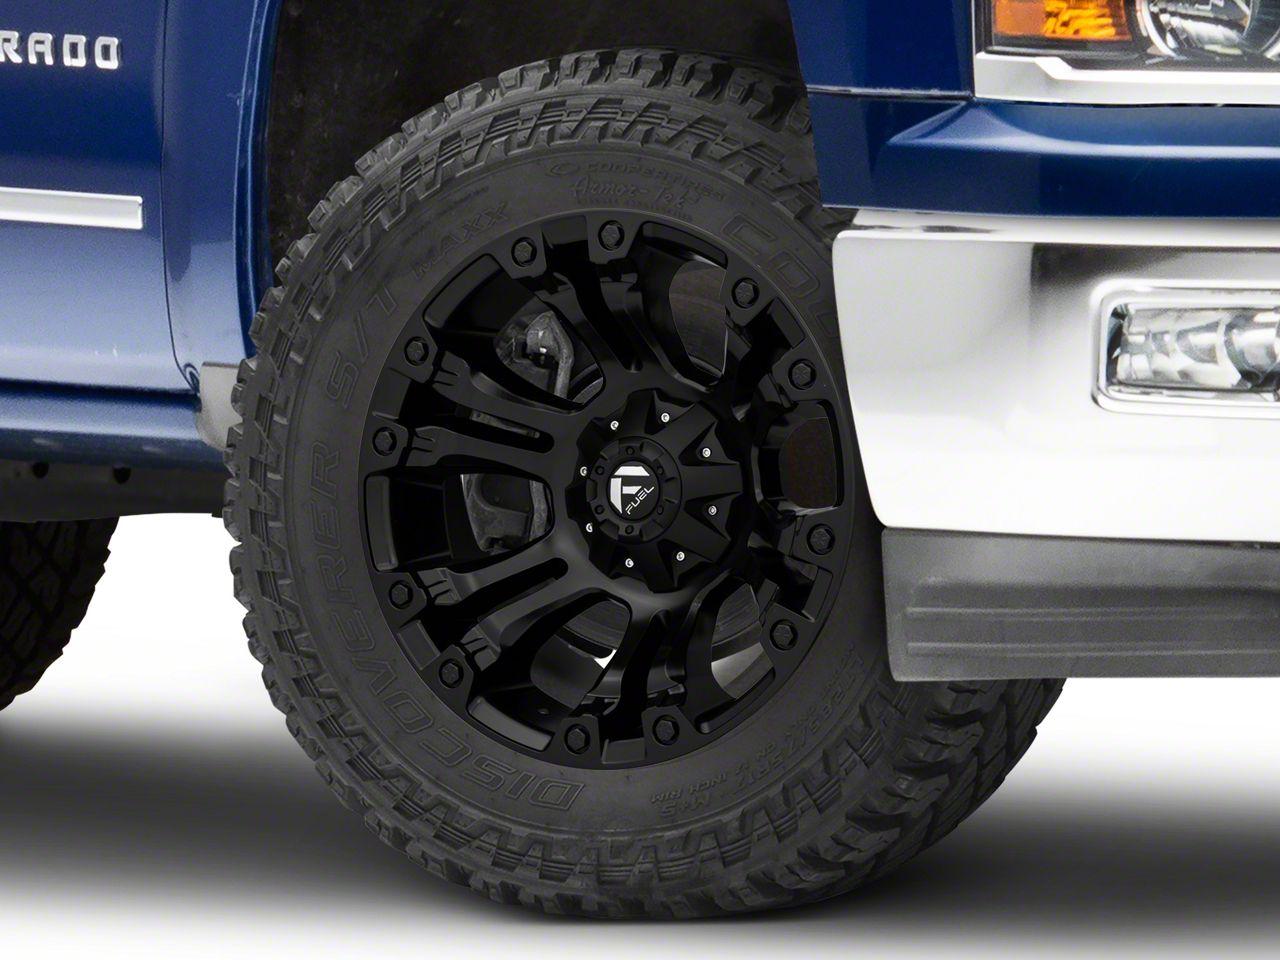 Fuel Wheels Vapor Matte Black 6-Lug Wheel - 20x10 (99-18 Silverado 1500)